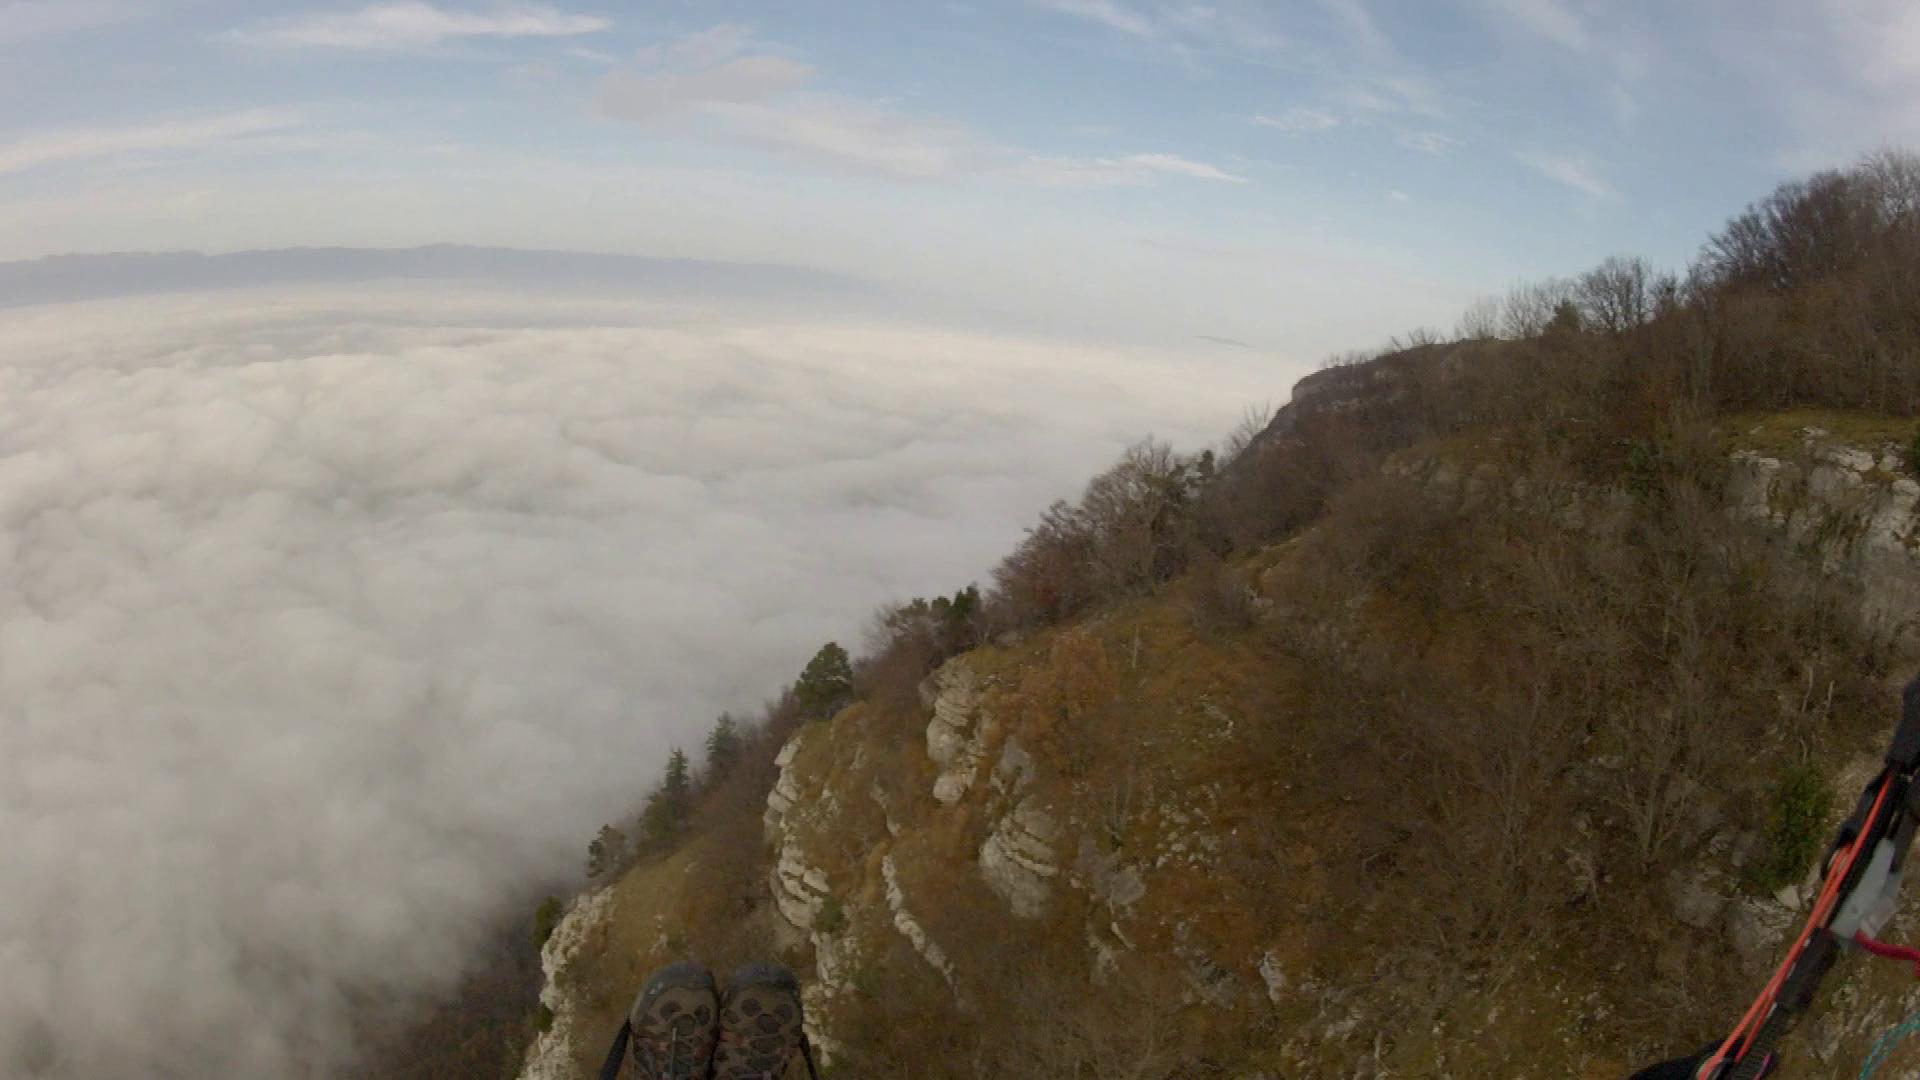 image mer de nuages geneve